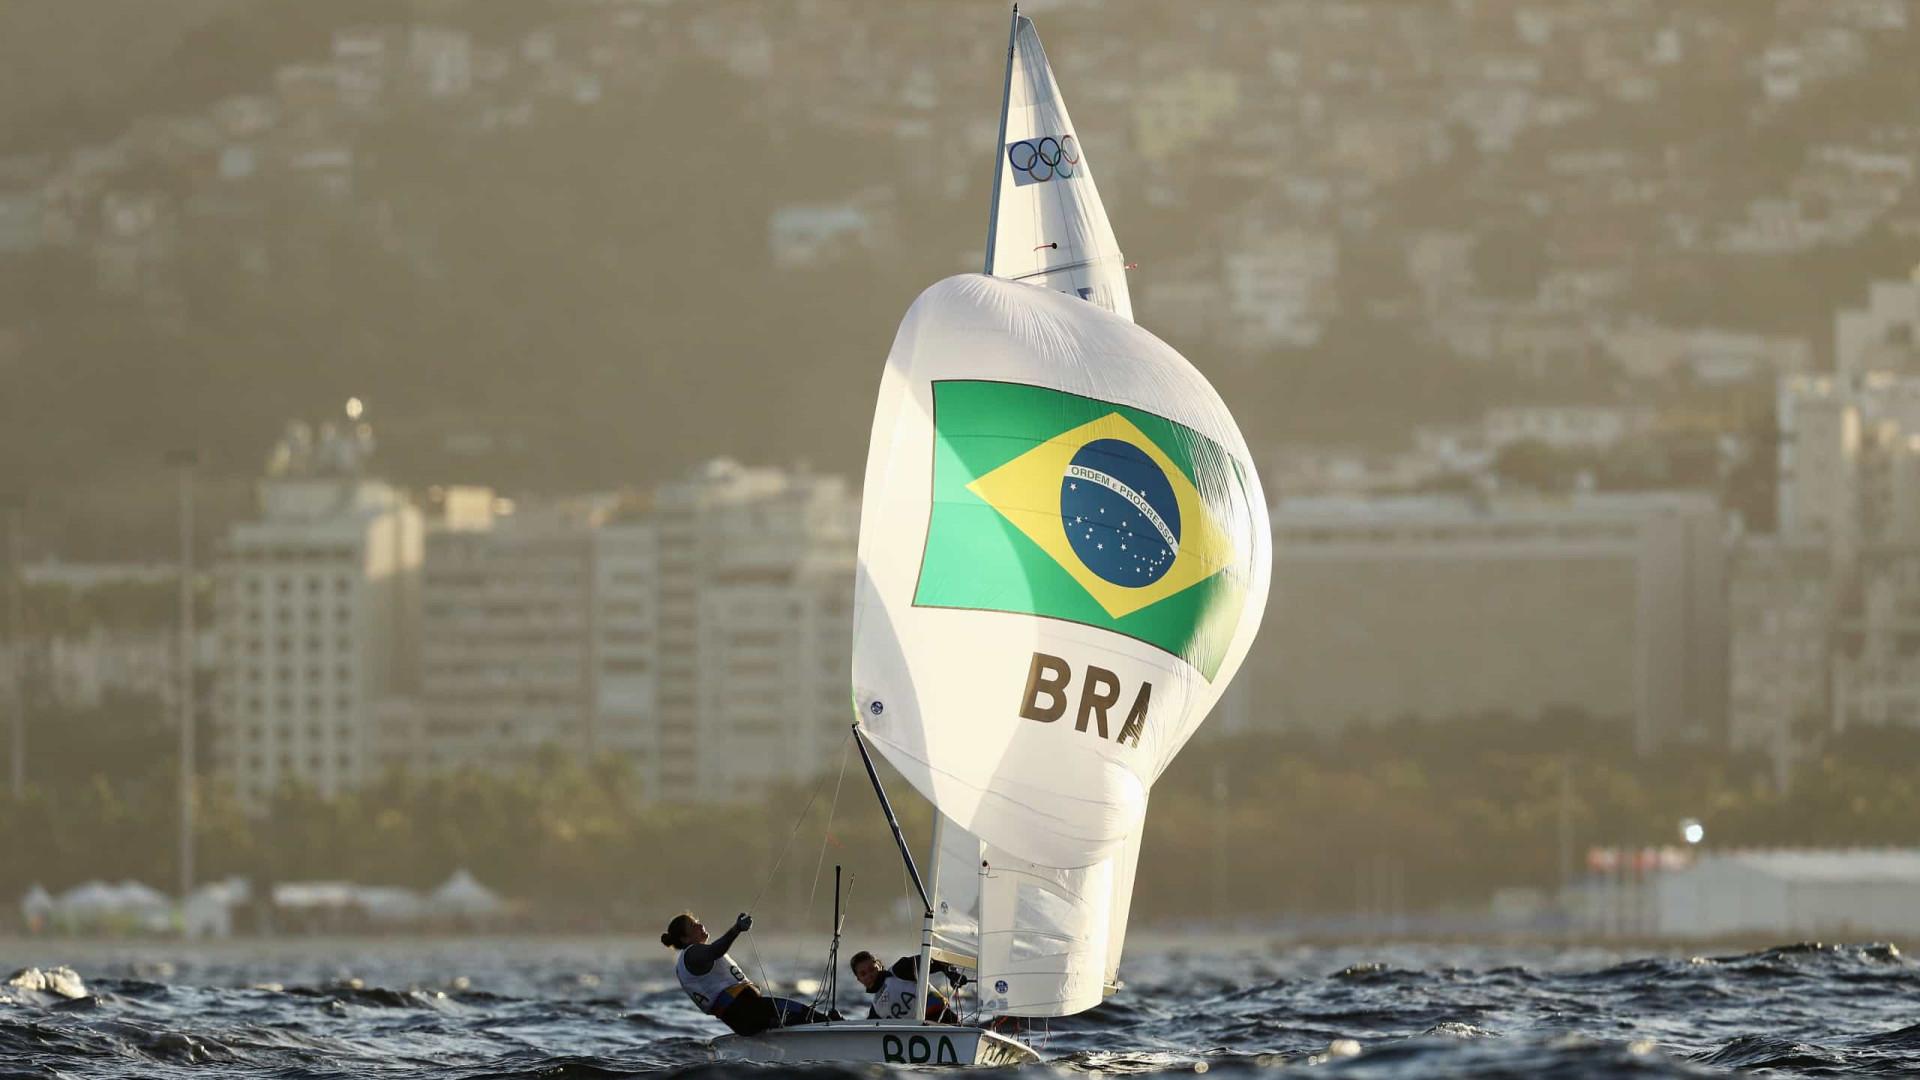 Fernanda Oliveira e Ana Barbachan vencem última regata antes de final da vela